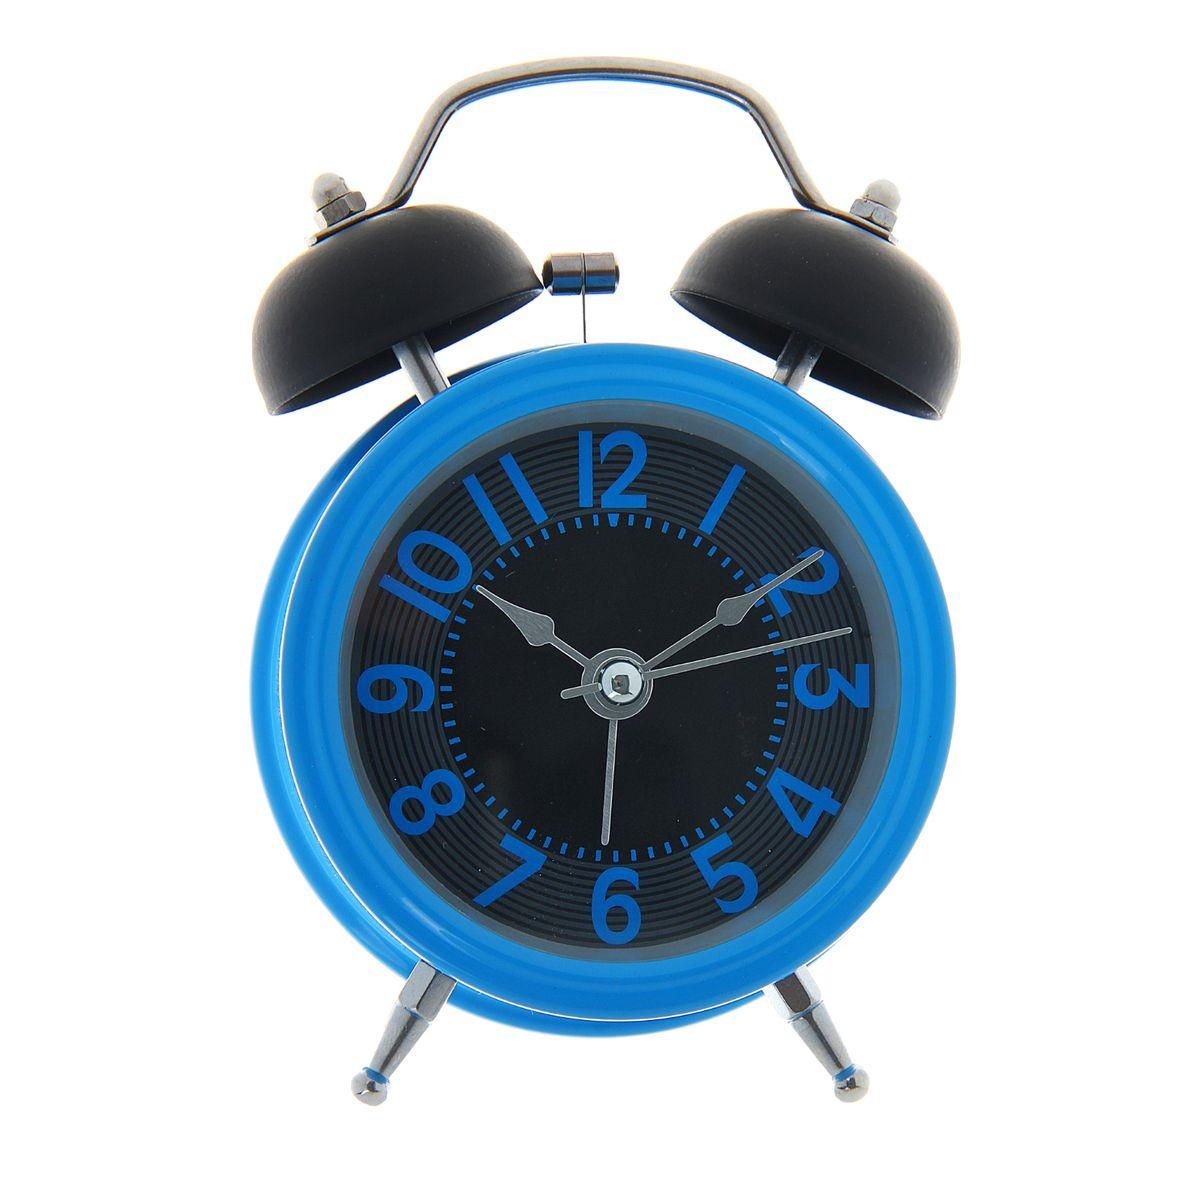 Часы-будильник Sima-land, цвет: синий. 10564141056414Как же сложно иногда вставать вовремя! Всегда так хочется поспать еще хотя бы 5 минут и бывает, что мы просыпаем. Теперь этого не случится! Яркий, оригинальный будильник Sima-land поможет вам всегда вставать в нужное время и успевать везде и всюду.Корпус будильника выполнен из металла. Часы снабжены 4 стрелками (секундная, минутная, часовая и для будильника). На задней панели будильника расположен переключатель включения/выключения механизма, а также два колесика для настройки текущего времени и времени звонка будильника. Изделие снабжено подсветкой, которая включается нажатием кнопки с задней стороны. Пользоваться будильником очень легко: нужно всего лишь поставить батарейку, настроить точное время и установить время звонка. Будильник Sima-land - привлекательная деталь в обстановке, которая поможет воплотить вашу интерьерную идею, создать неповторимую атмосферу в вашем доме. Окружите себя приятными мелочами, пусть они радуют взгляд и дарят гармонию. Необходимо докупить 1 батарейку типа АА (не входит в комплект).